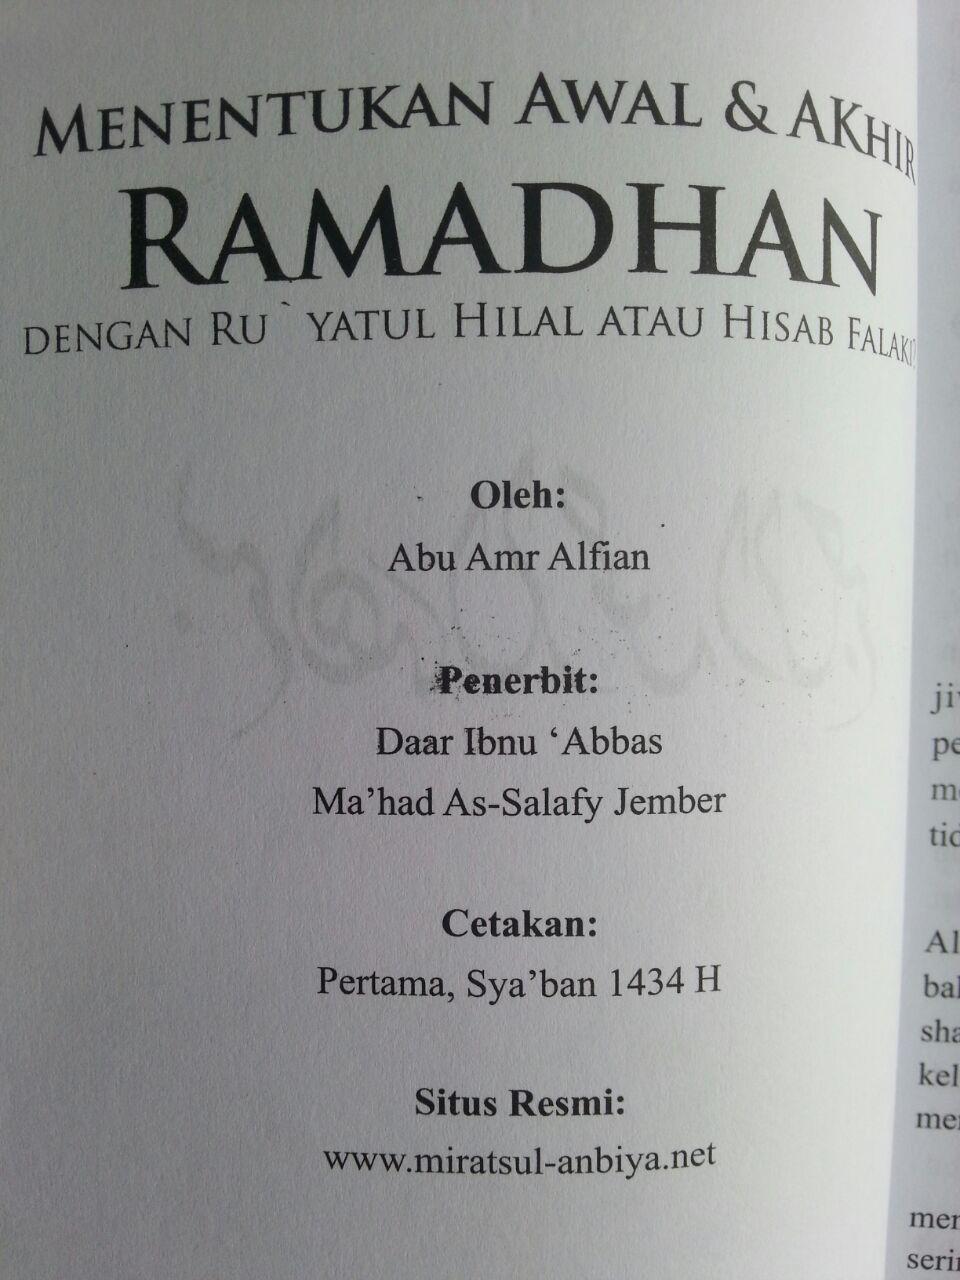 Buku Menentukan Awal Dan Akhir Ramadhan Dengan Ru'yatul Atau Hisab isi